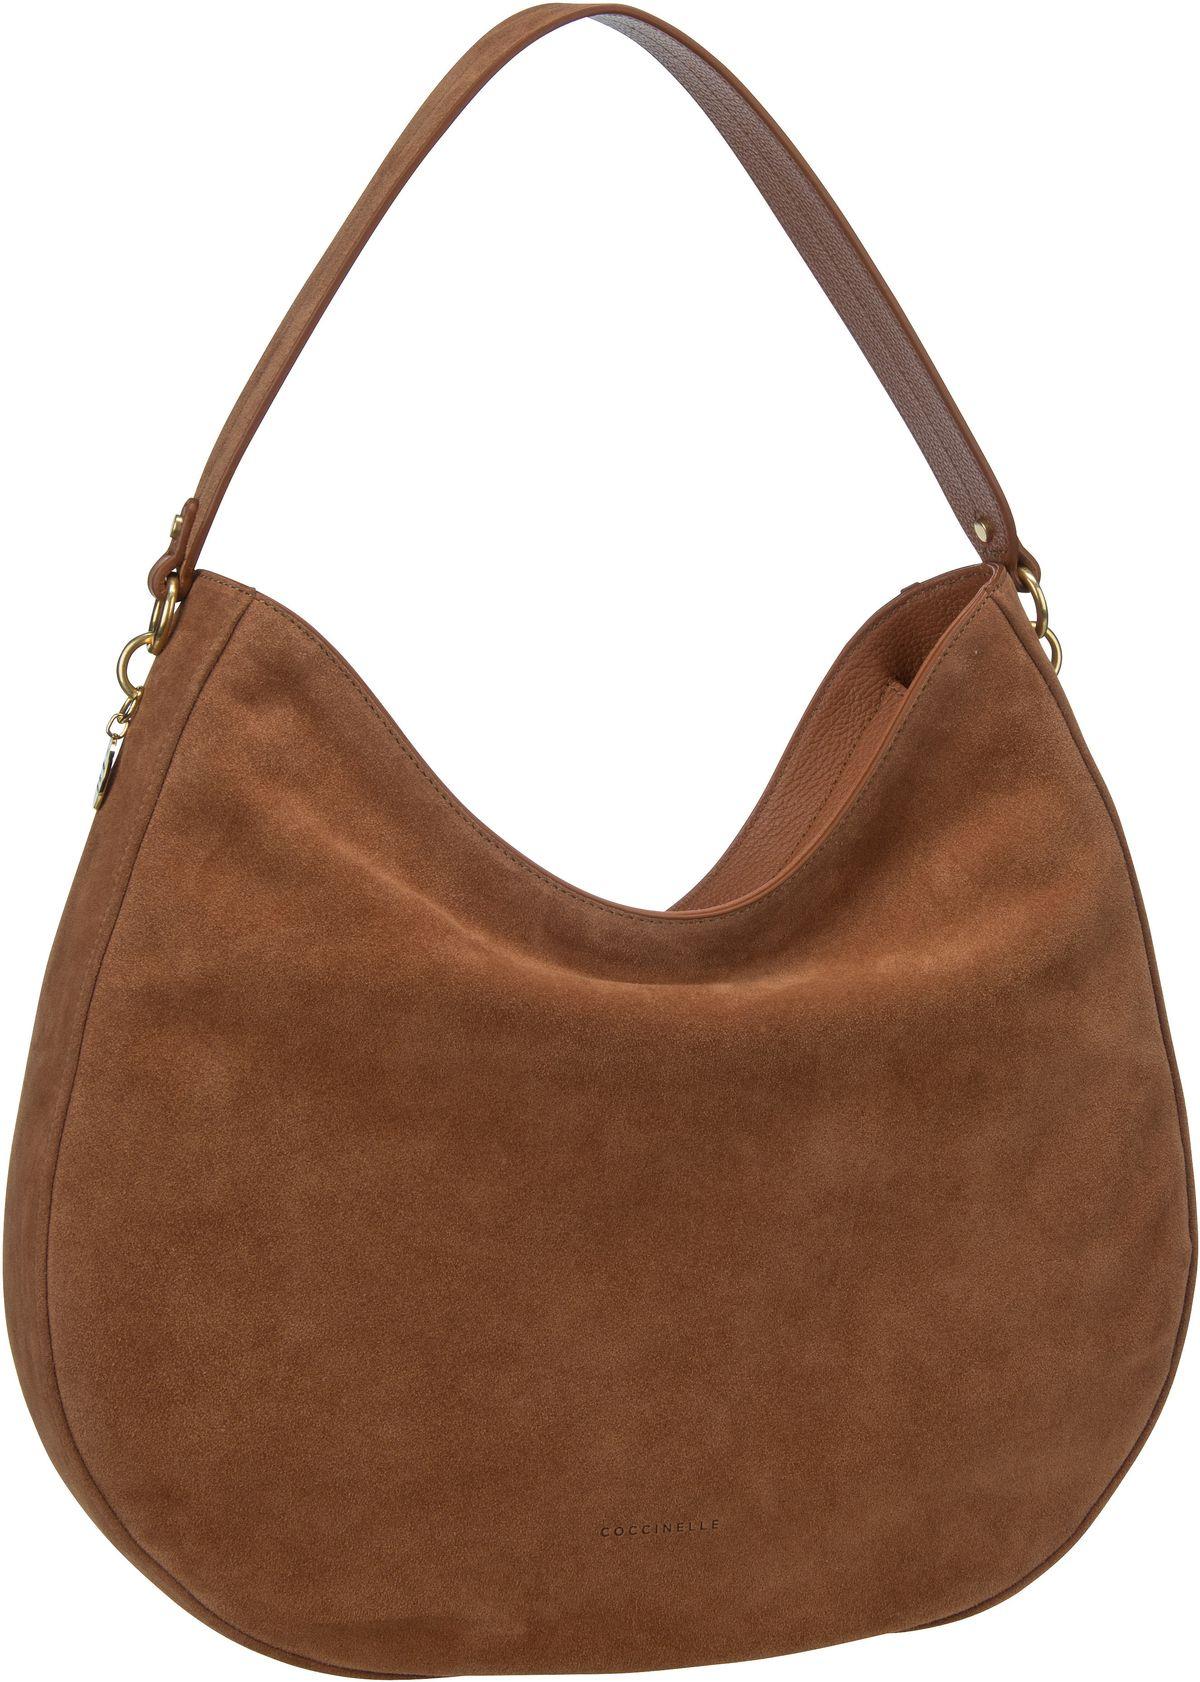 Handtasche Alpha Suede 1301 Tan